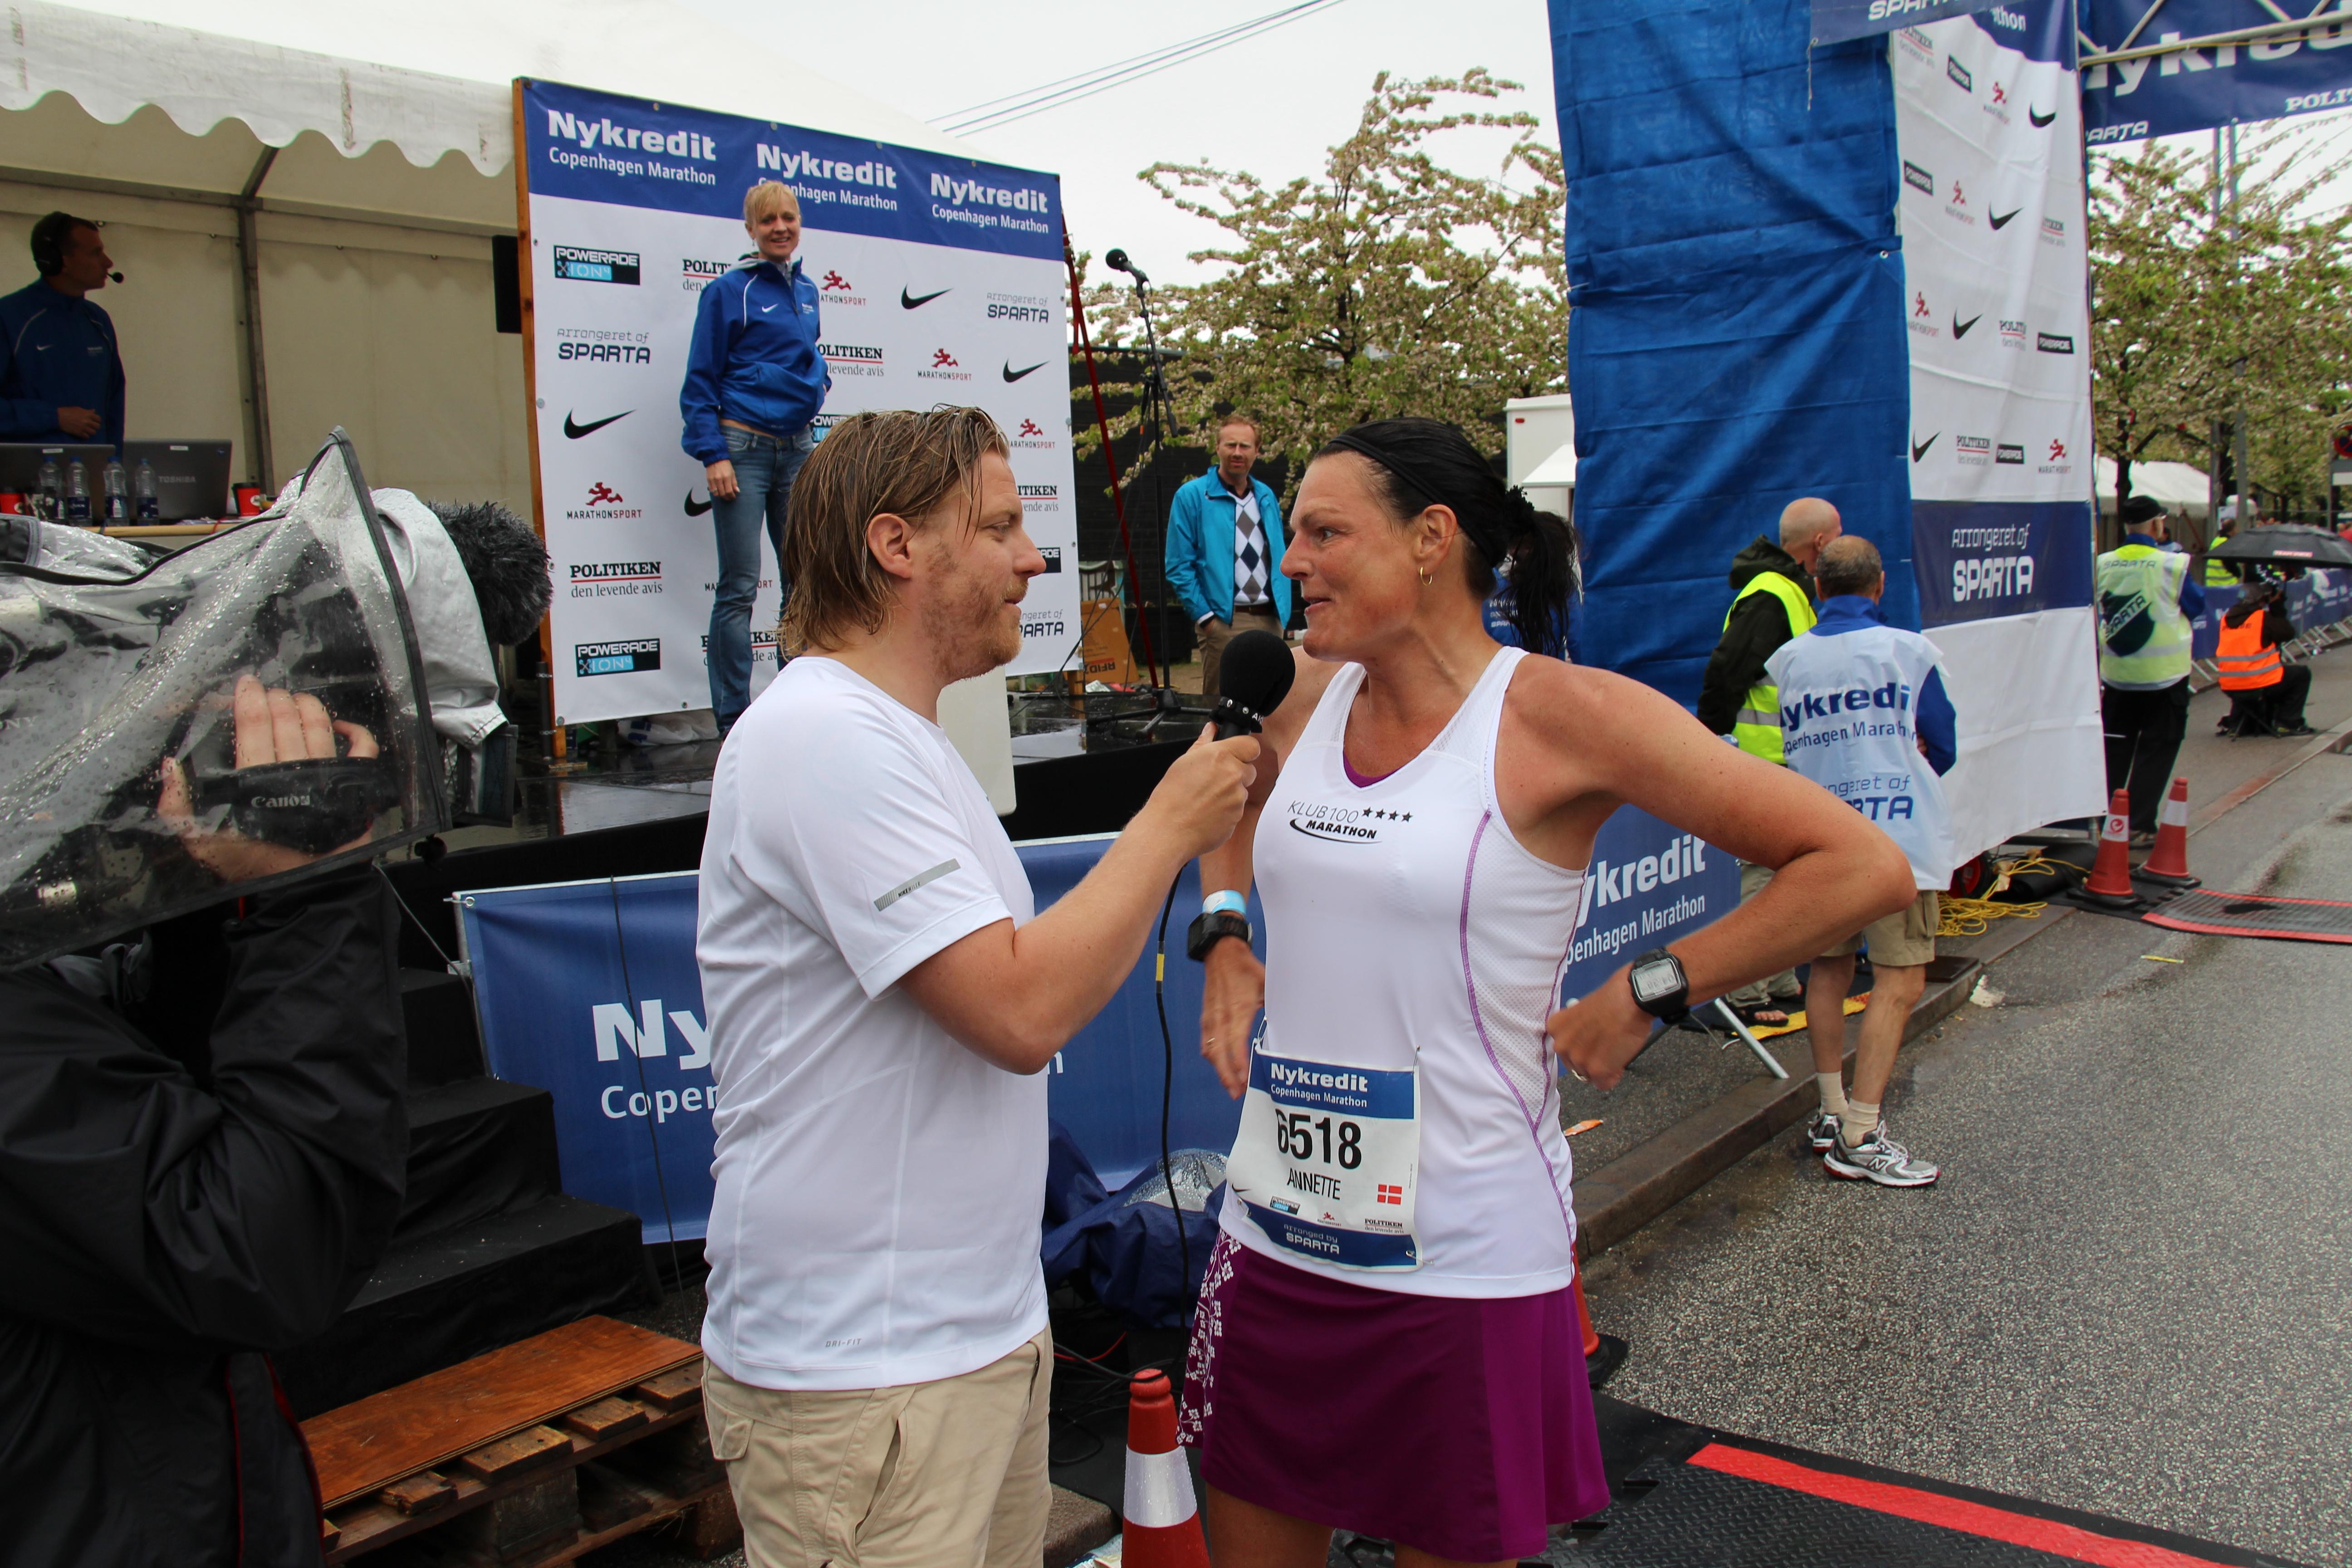 copenhagen marathon 2016 deltagerliste